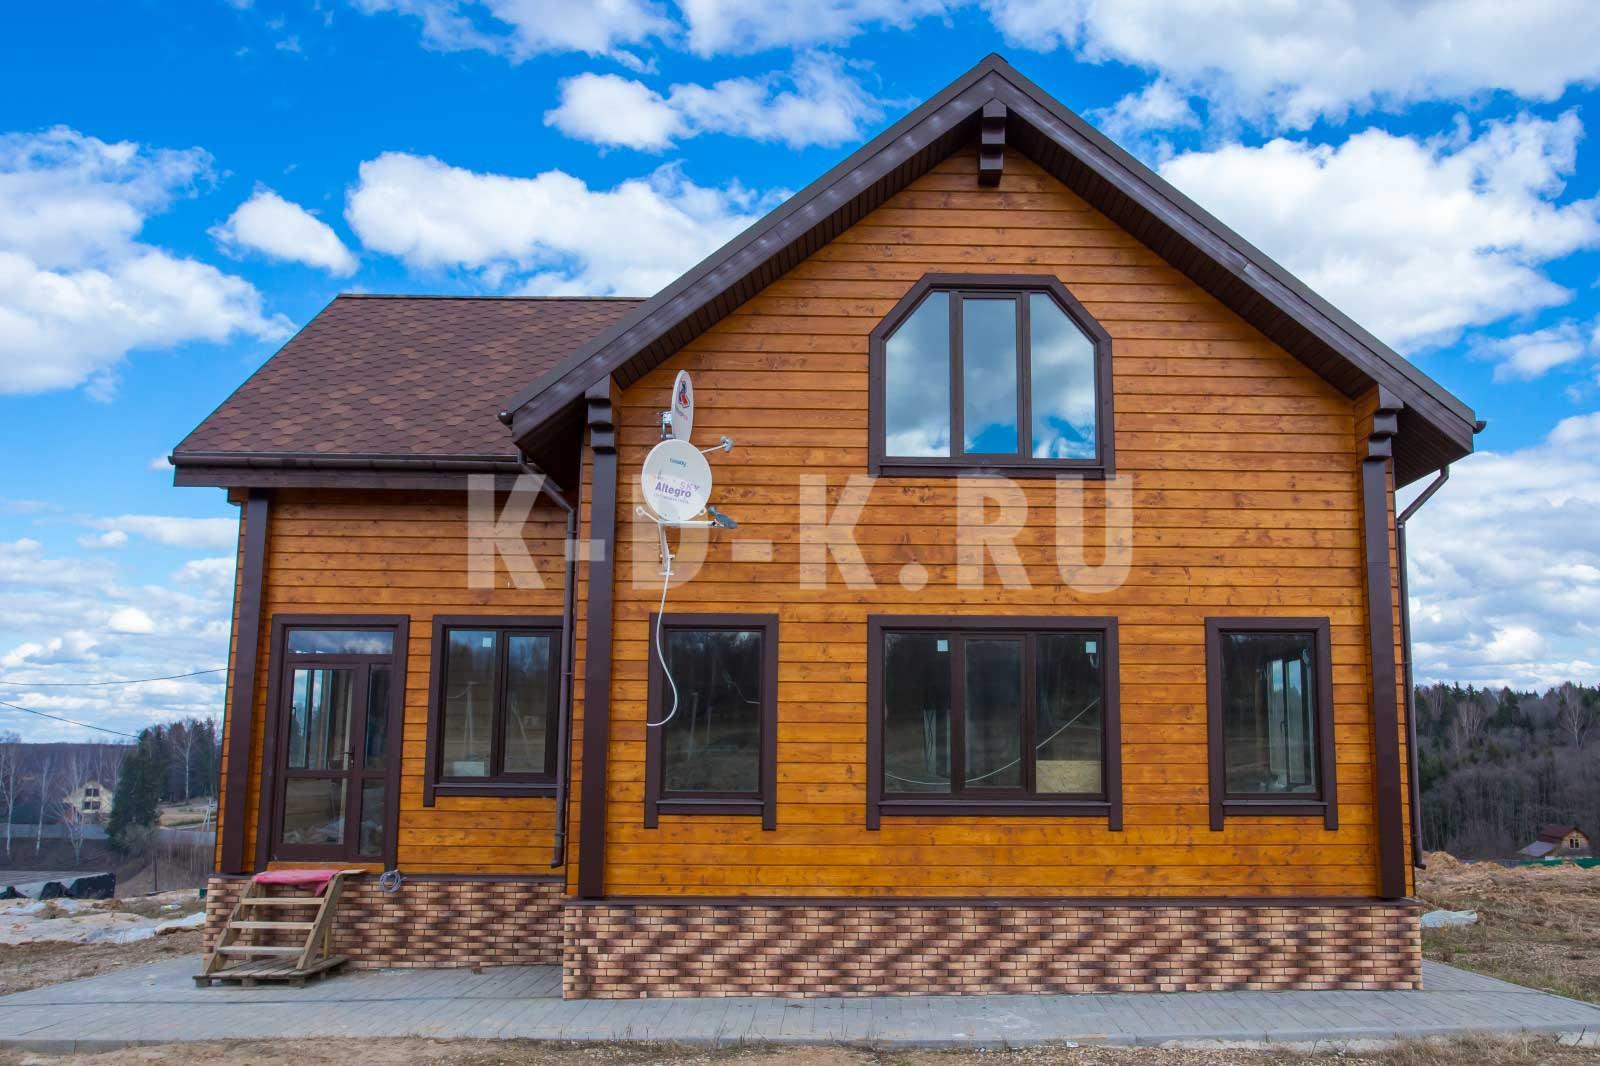 дом из клееного бруса цена вологодская область образом может